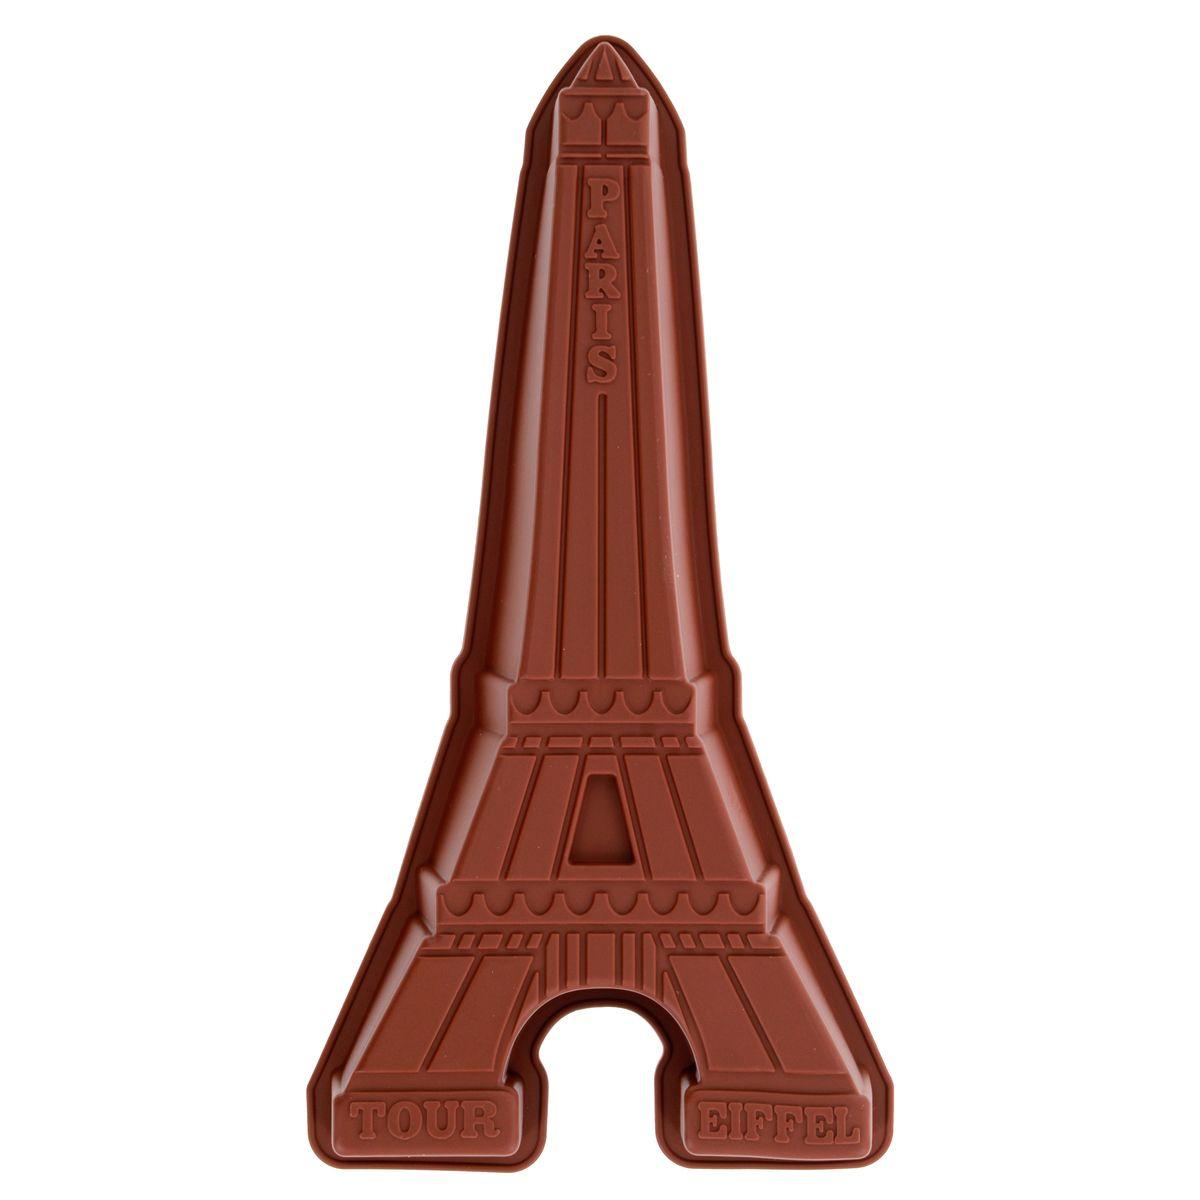 Moule gâteau en silicone marron Tour Eiffel - Le Chef Paris